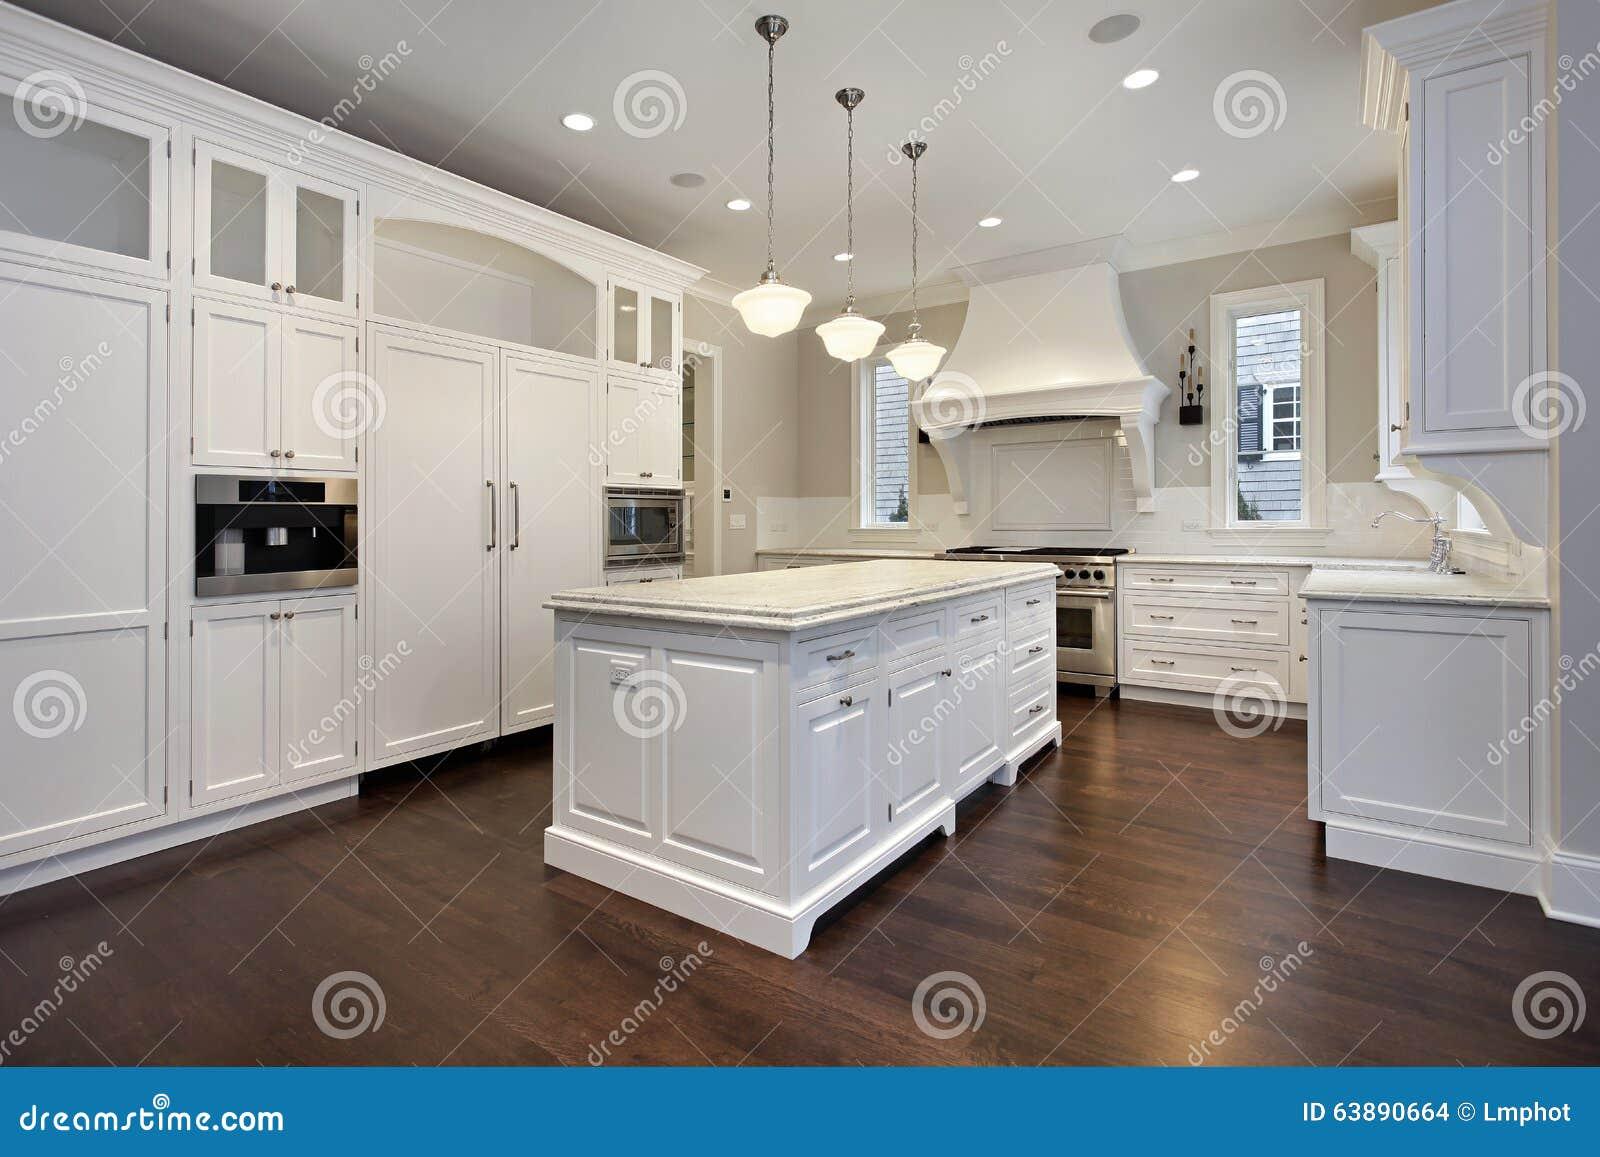 Küche mit Mittelinsel stockfoto. Bild von haus, decorate - 63890664